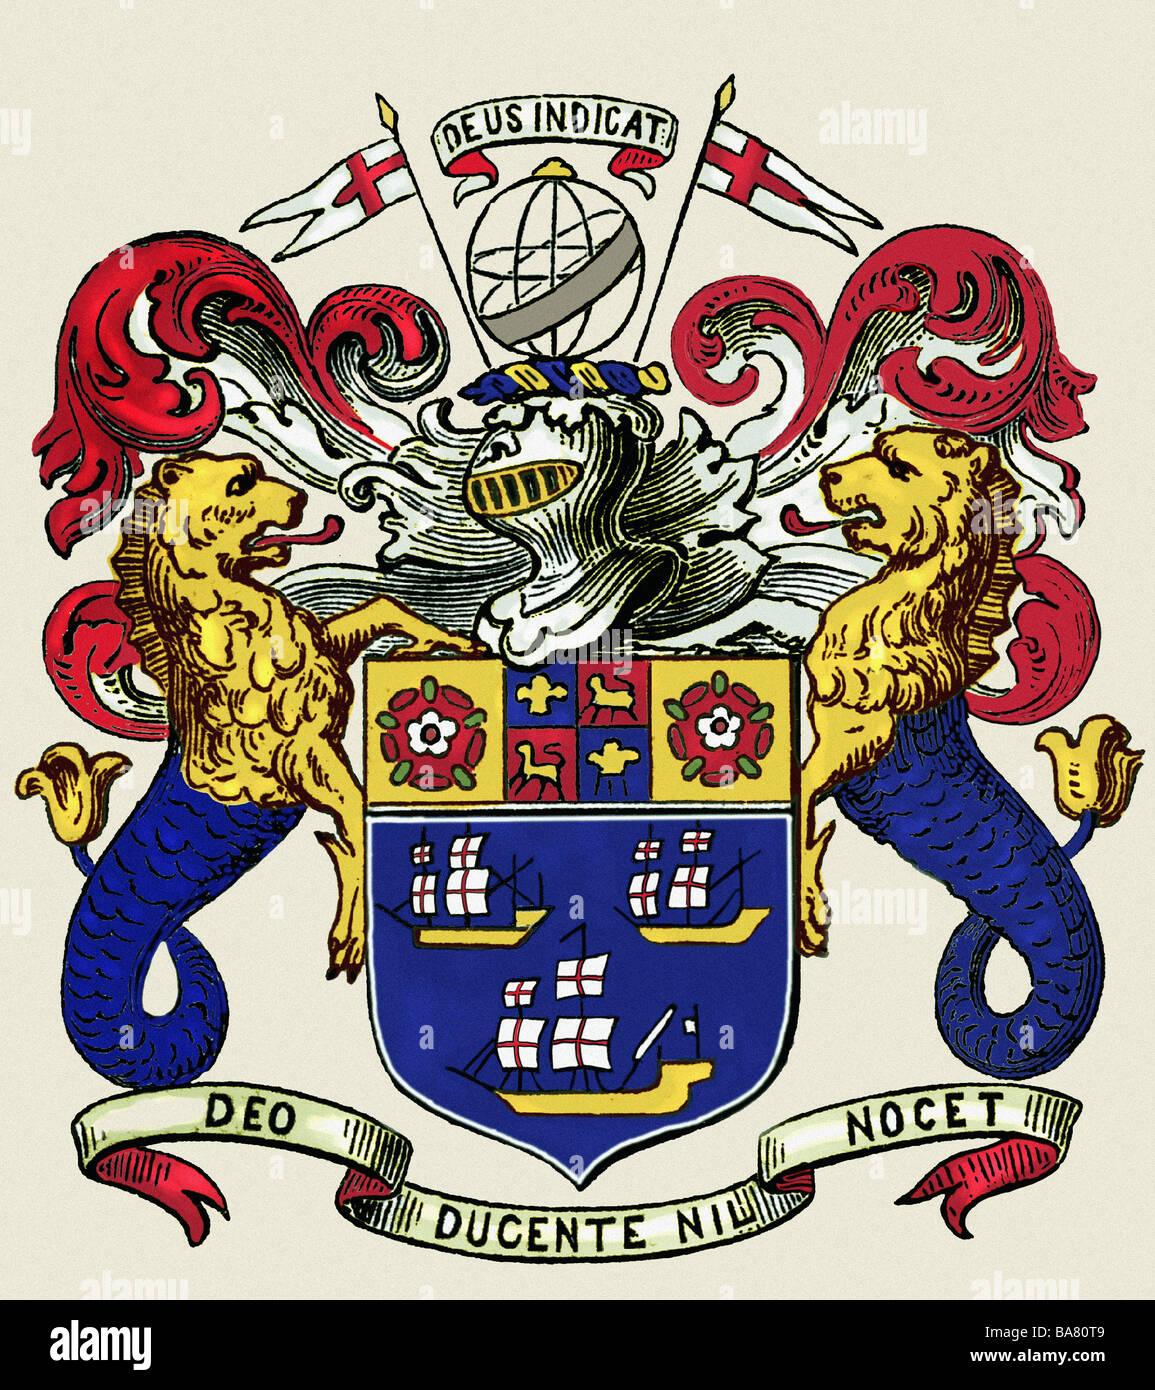 Commercio, imprese commerciali, onorevoli East India Company (HEIC), 1600 - 1858, Additional-Rights-giochi-NA Immagini Stock